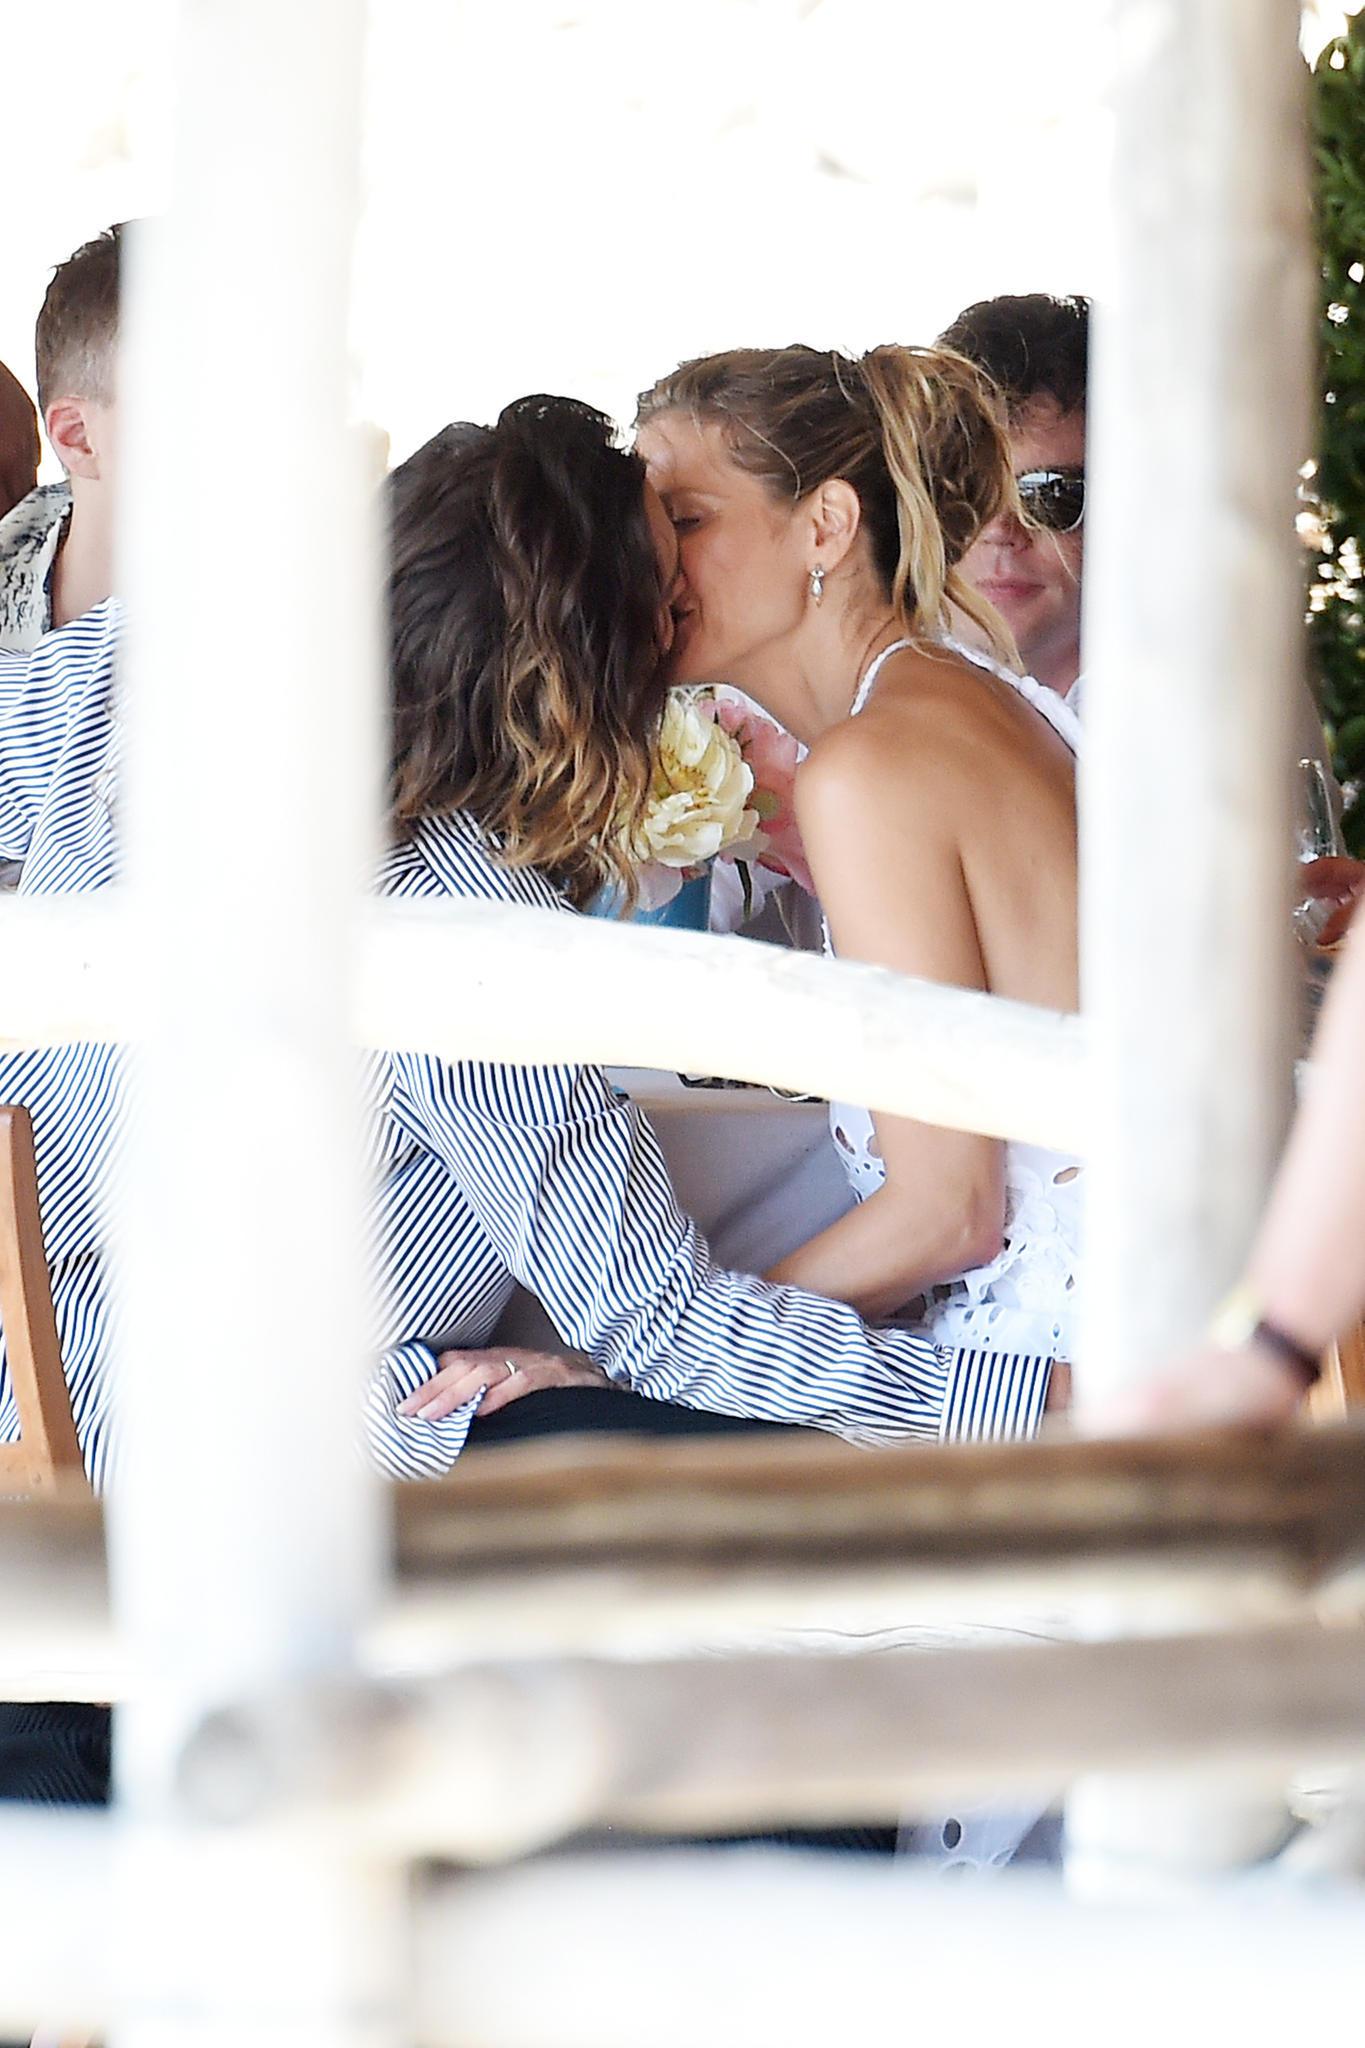 Amore, amore! Heidi Klum und Tom Kaulitz können die Finger nicht voneinander lassen. Ach, muss Liebe schön sein!